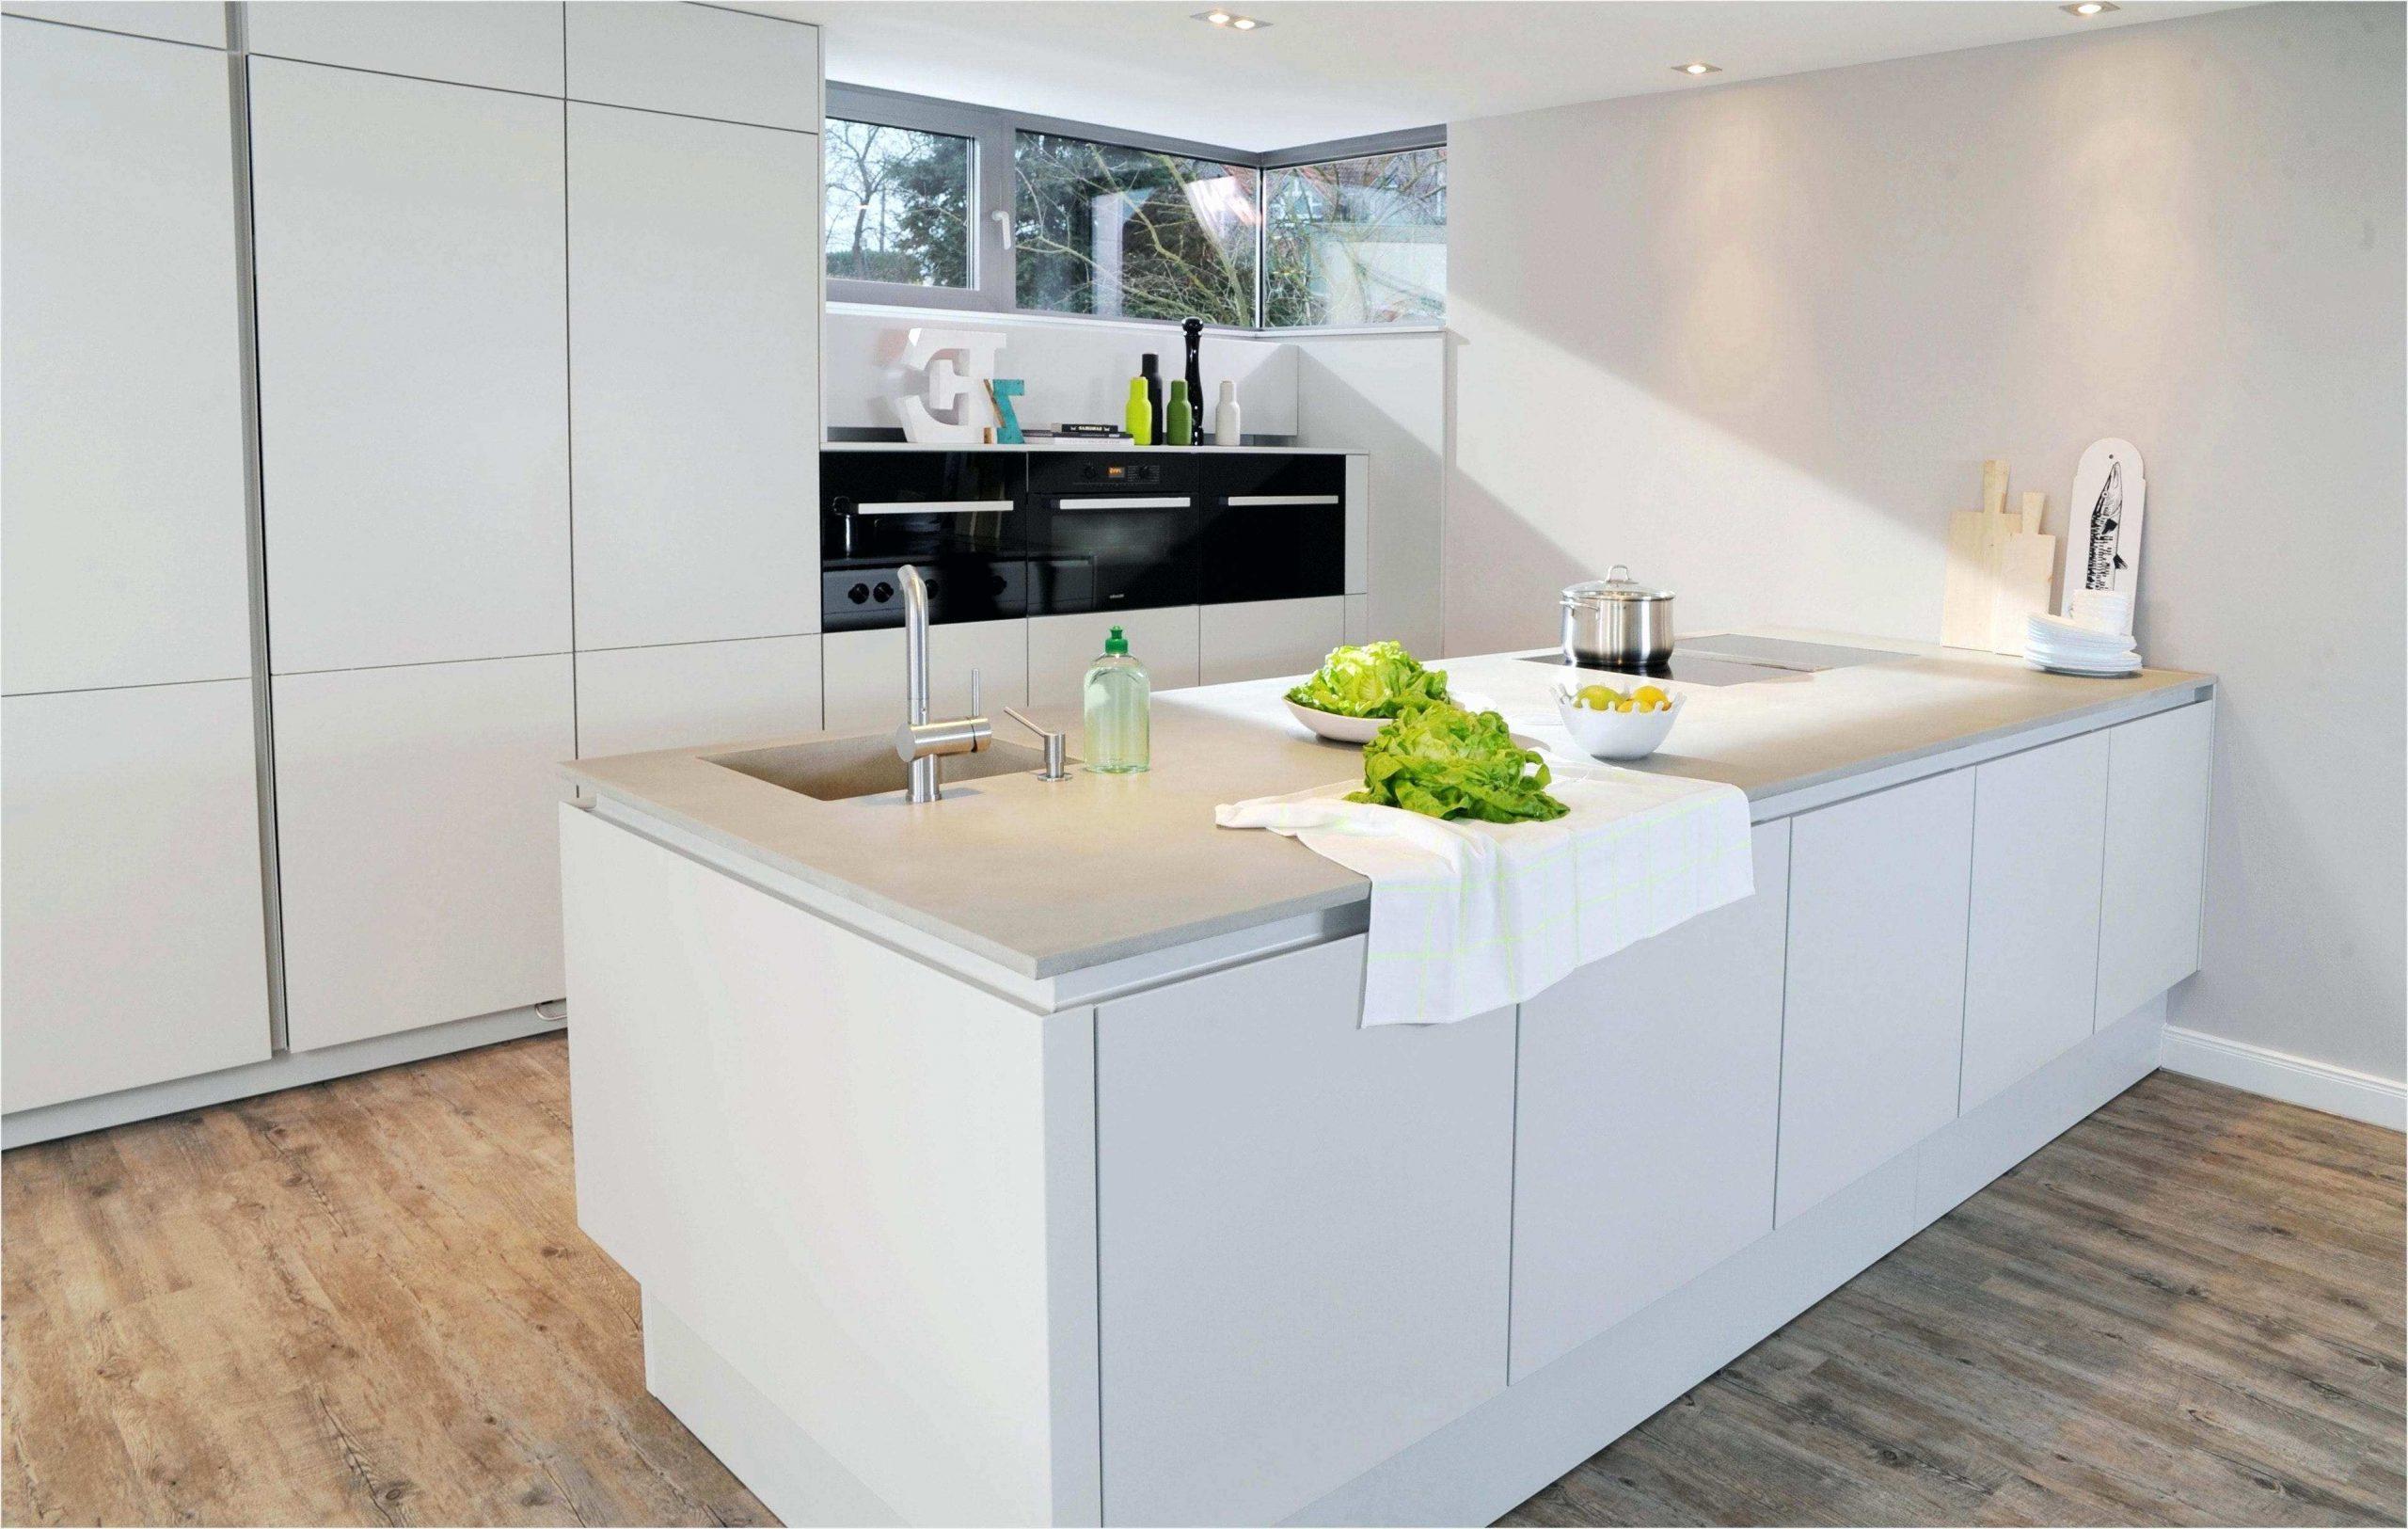 Full Size of Glasbild Küche Anbringen Glasbilder Küche 40 X 60 Glasbilder Küche 3 Teilig Klebefieber Glasbilder Küche Küche Glasbilder Küche